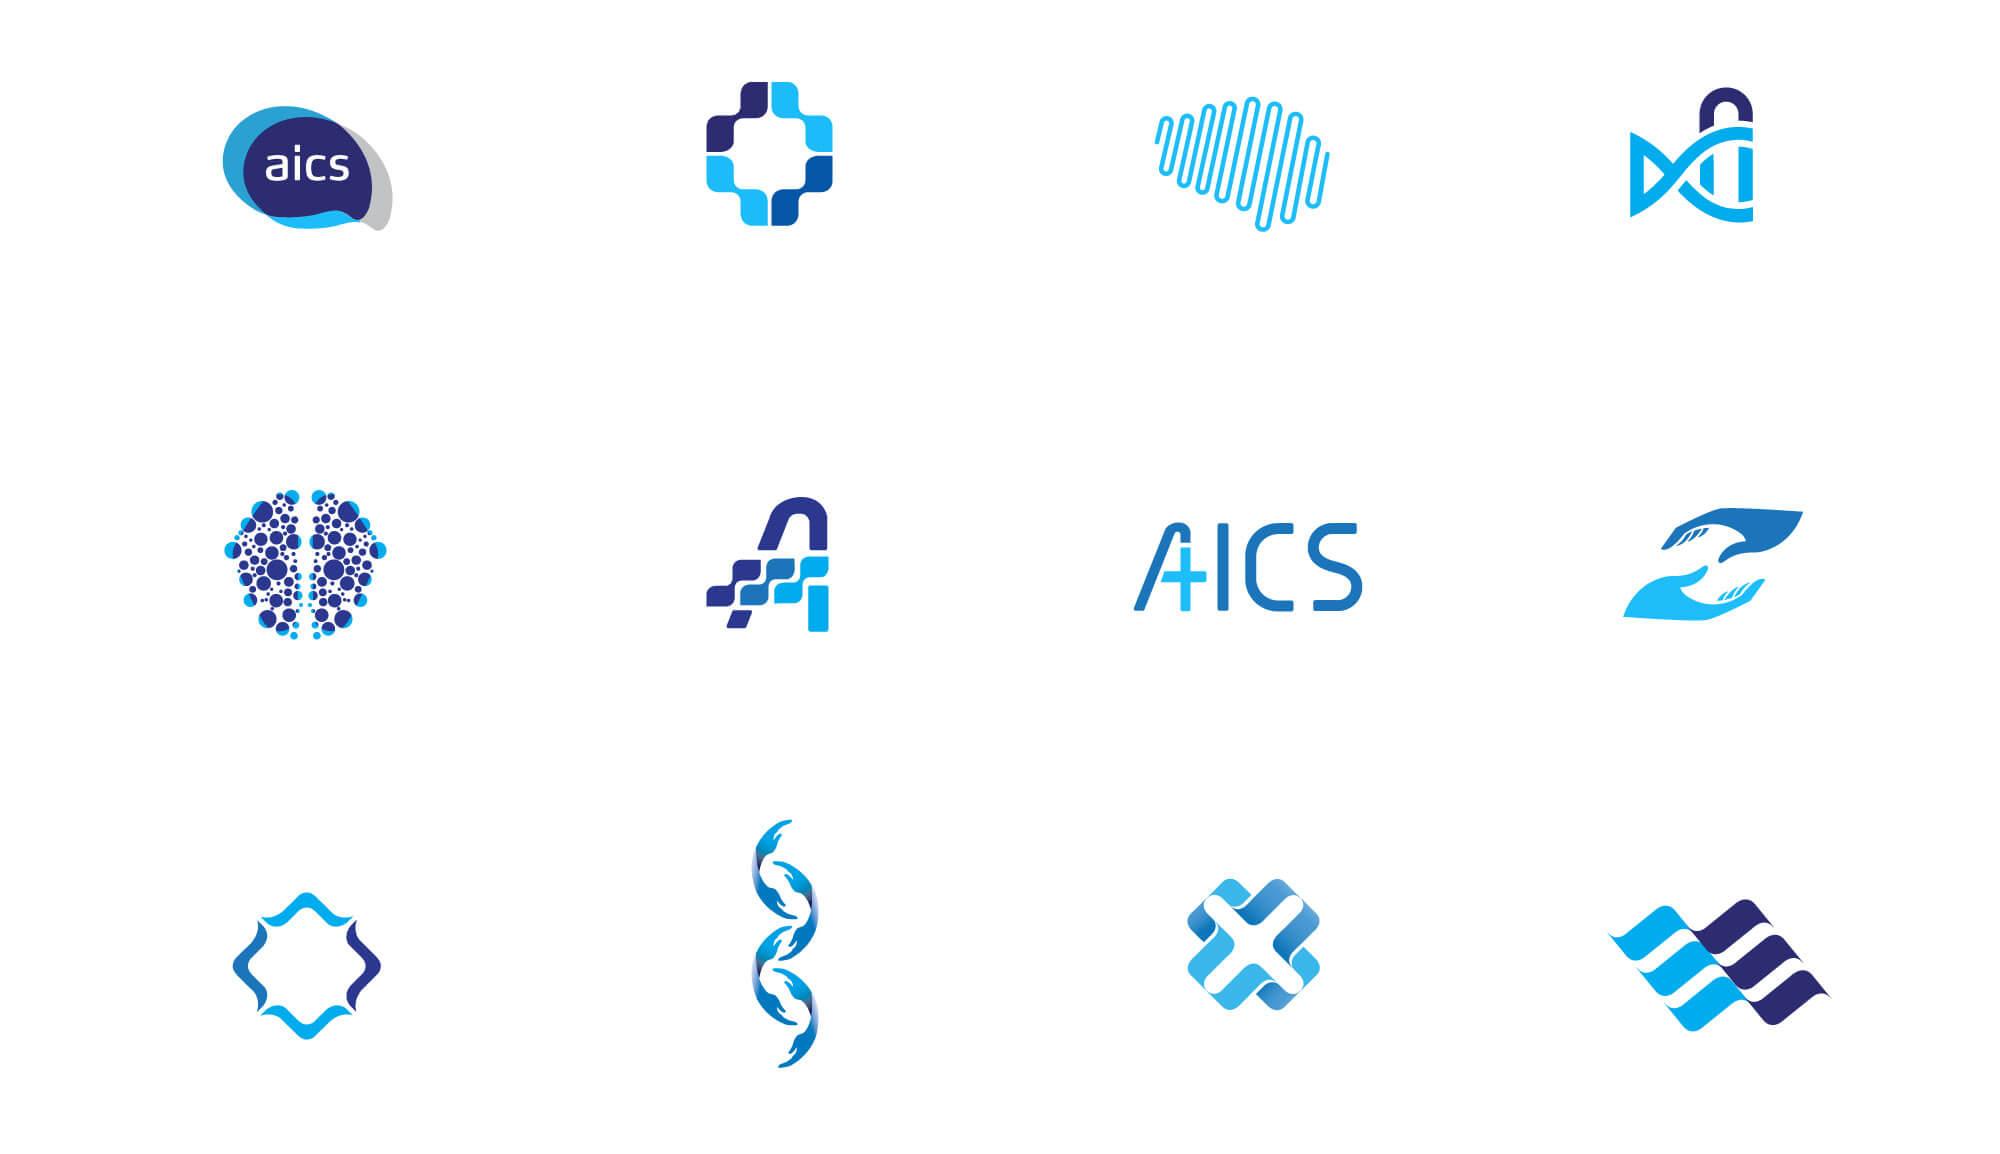 aics-concepts-10